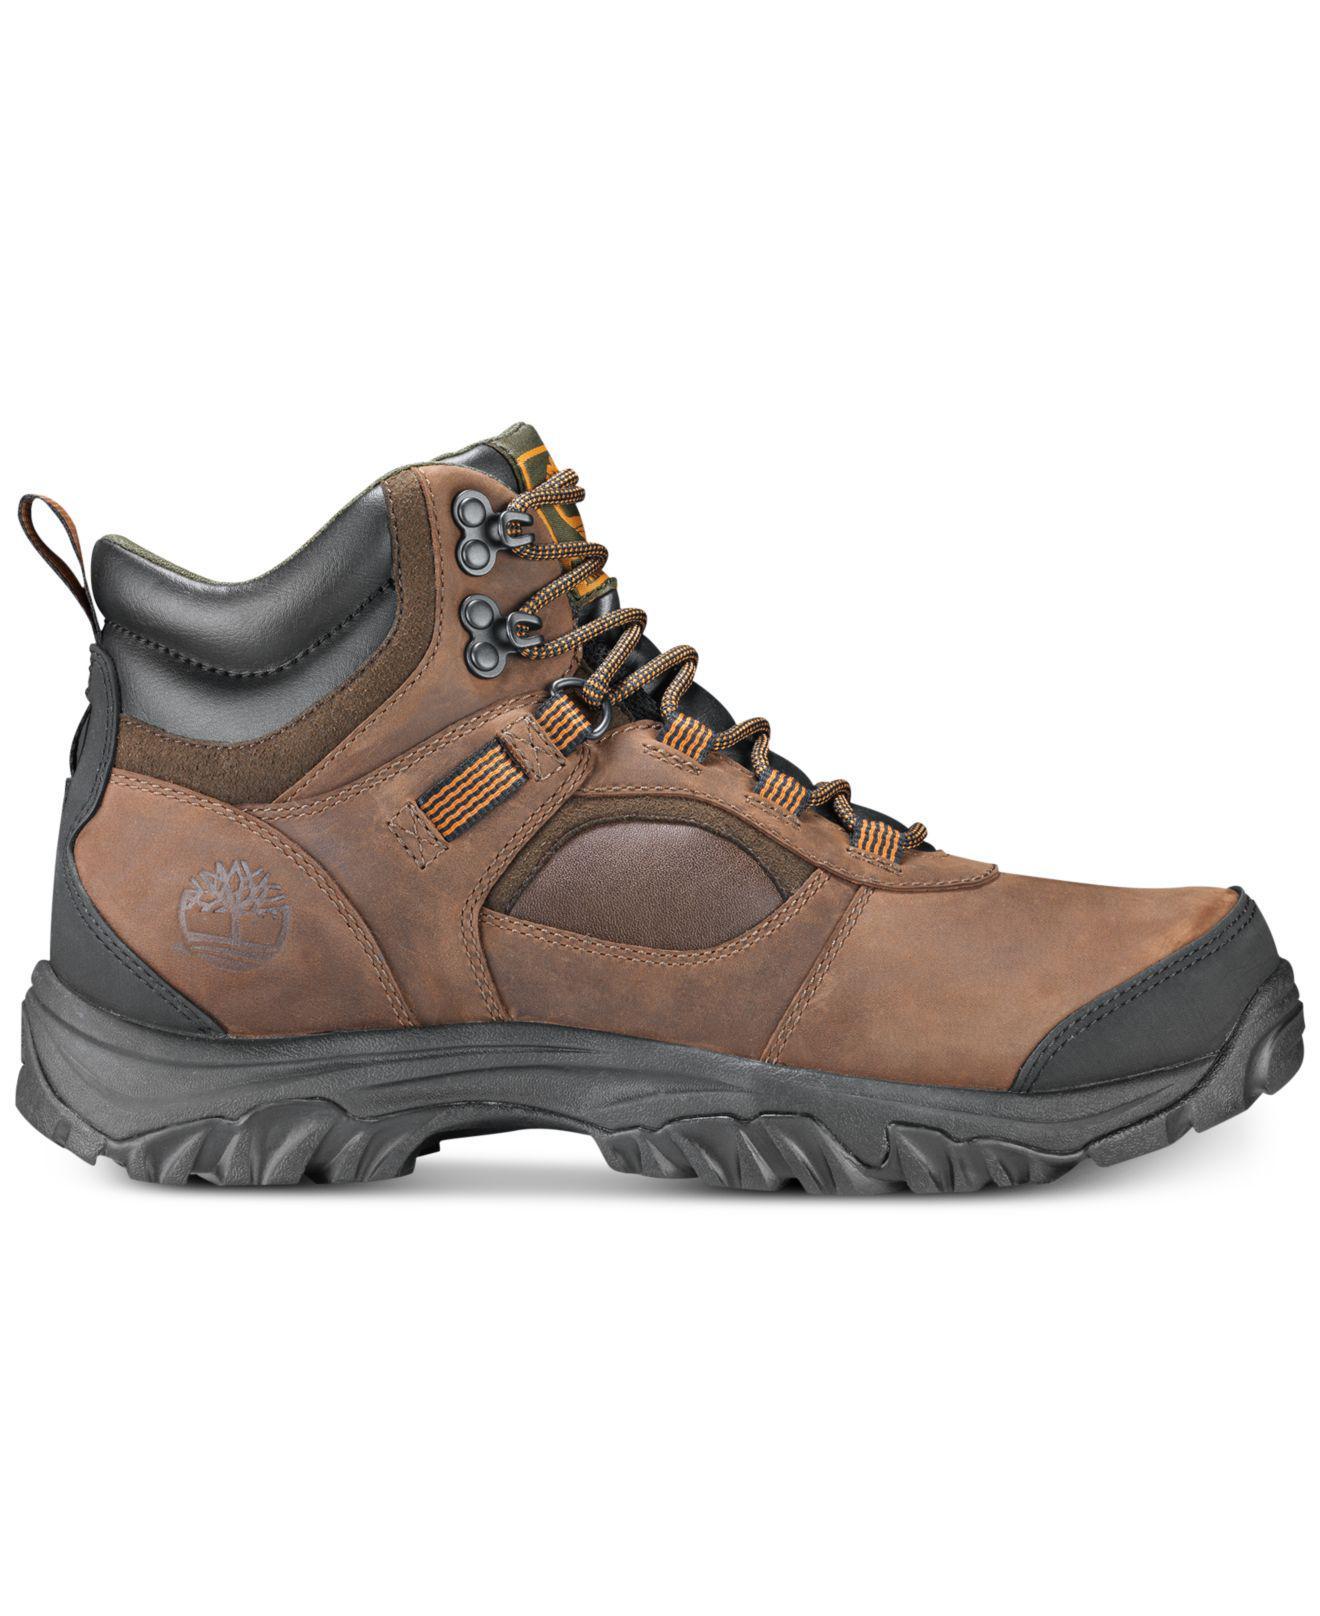 f67f89f21b4a Lyst - Timberland Mt. Major Hikers